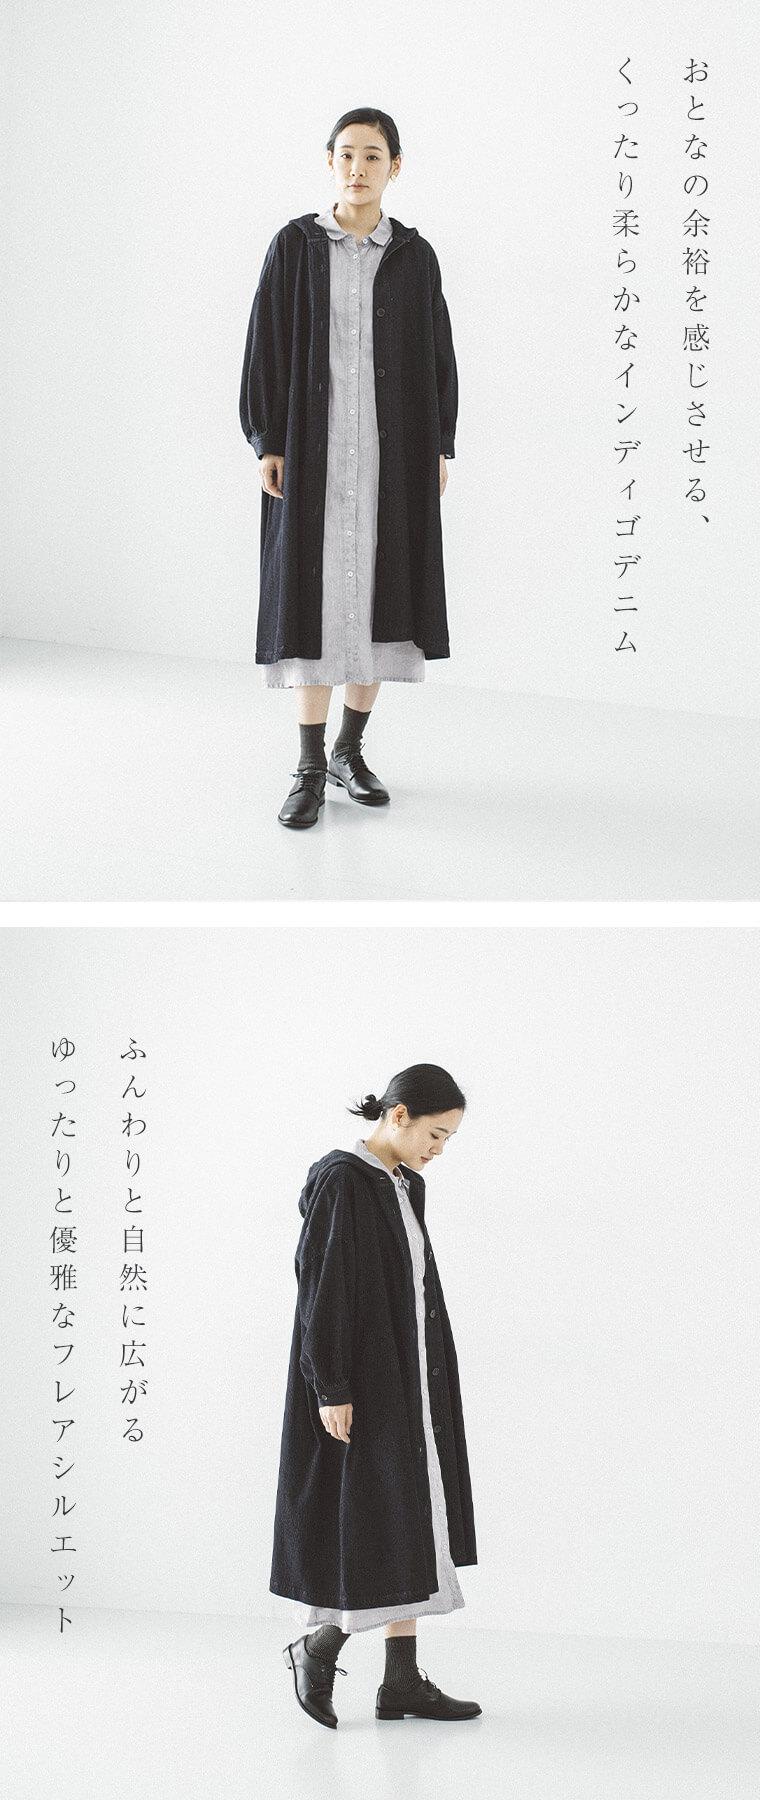 ドルチェデニムフードコートを着た女性